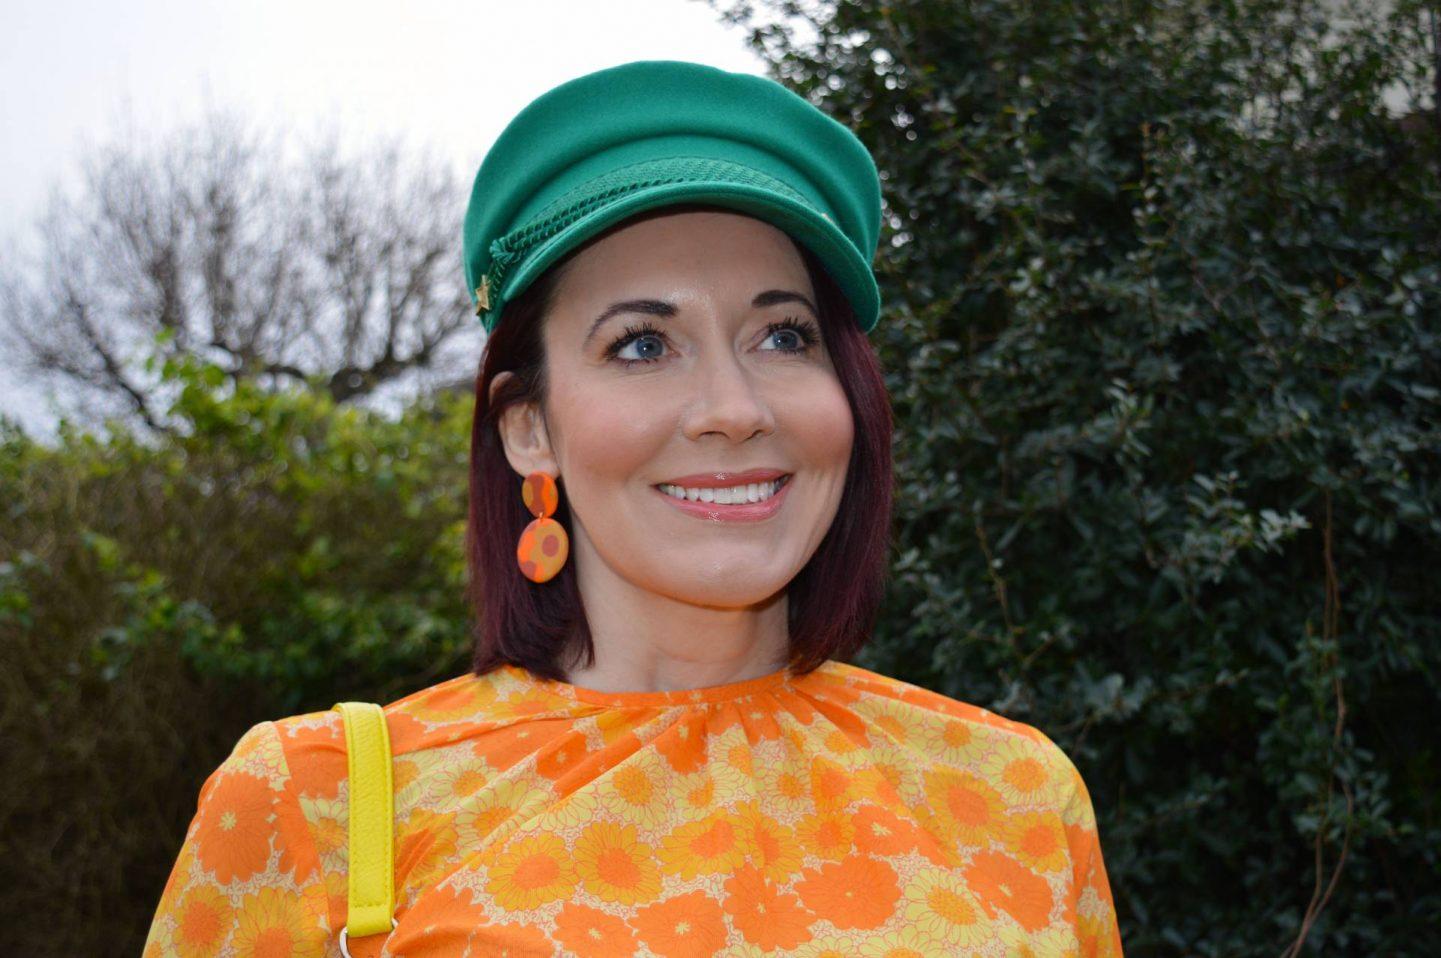 Vintage Orange Floral Print Top, green Fabienne Chapot cap